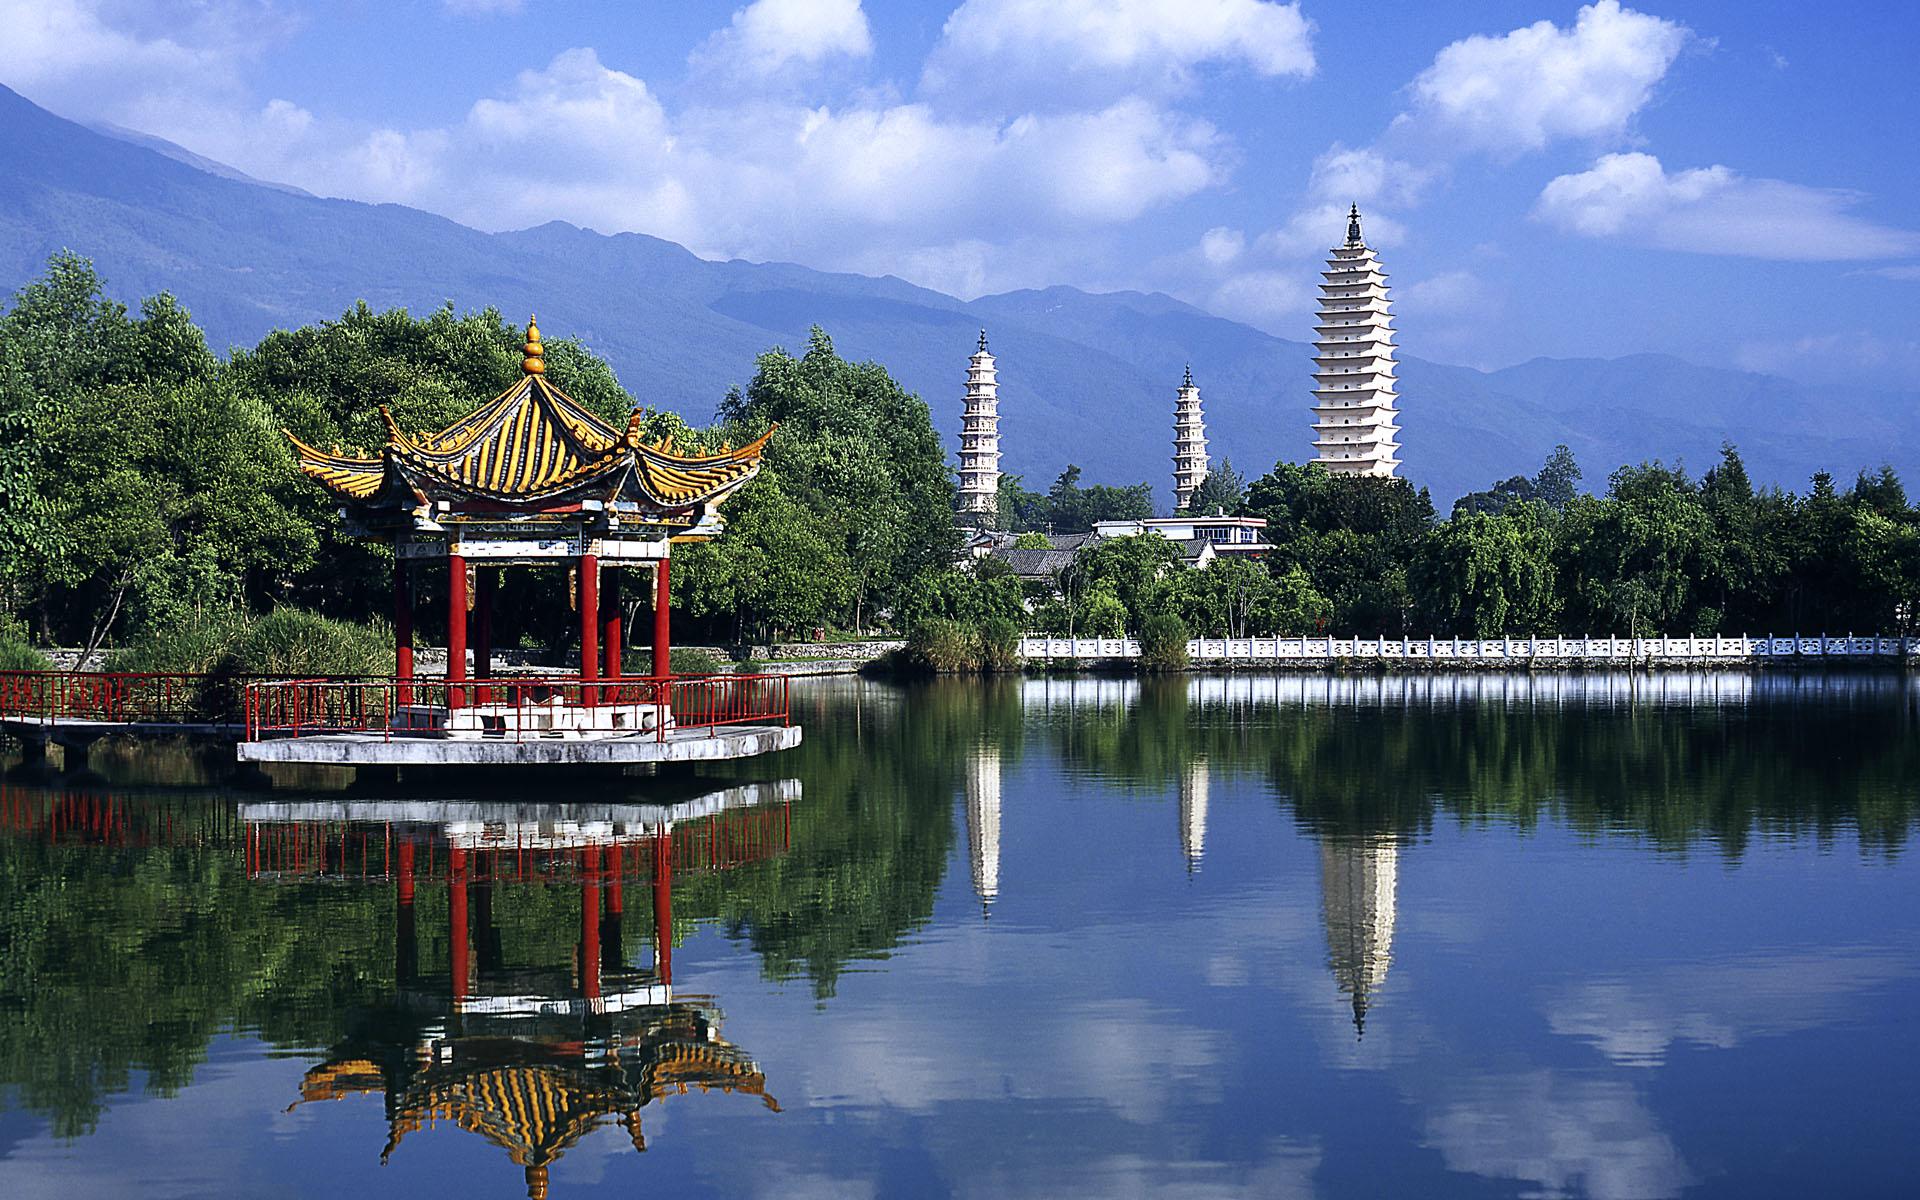 ???????? (Three Pagodas in Yunnan, China)